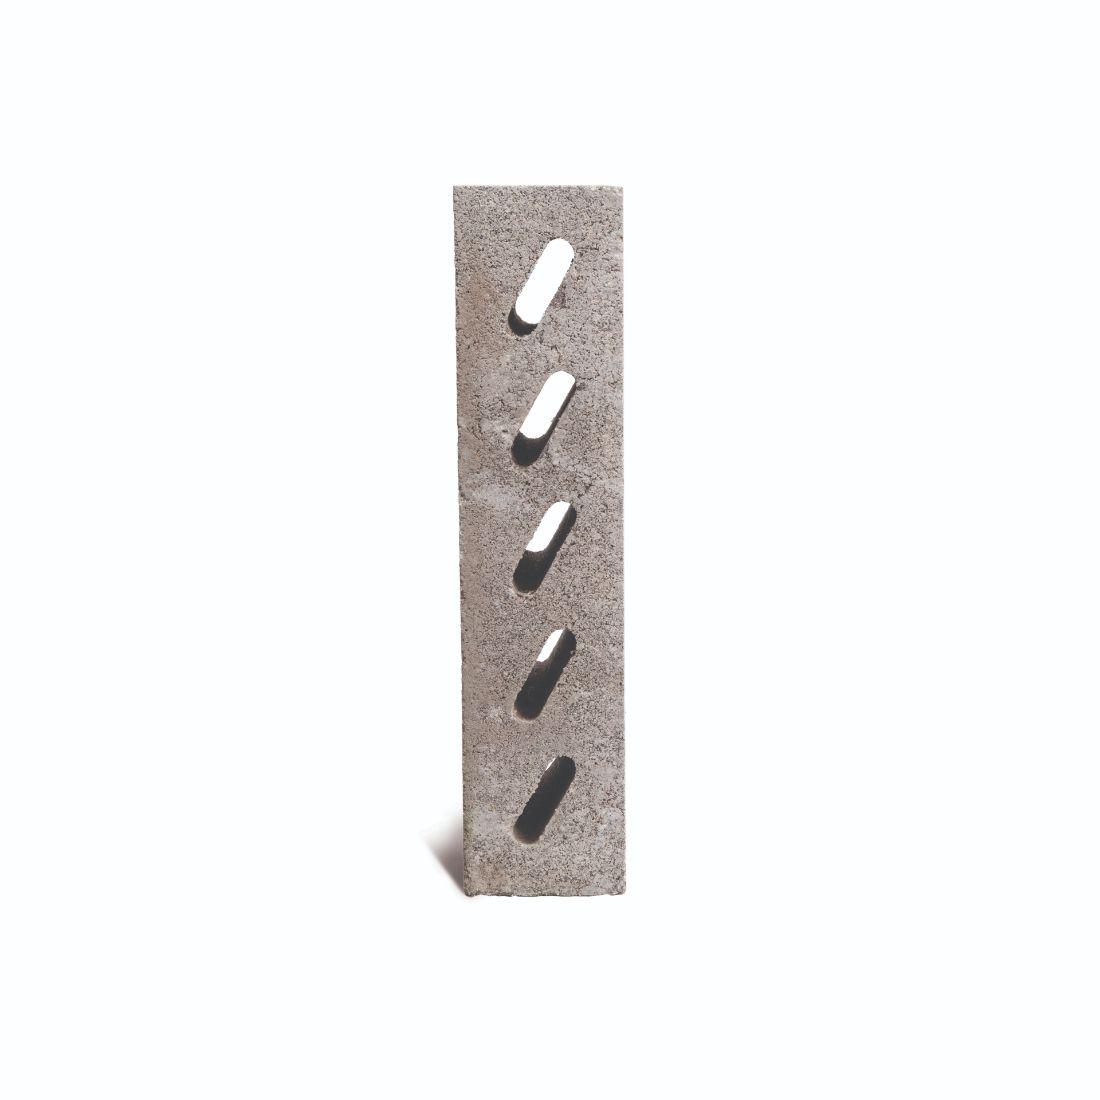 10.01 Standard Whole Block 390 x 90 x 190mm